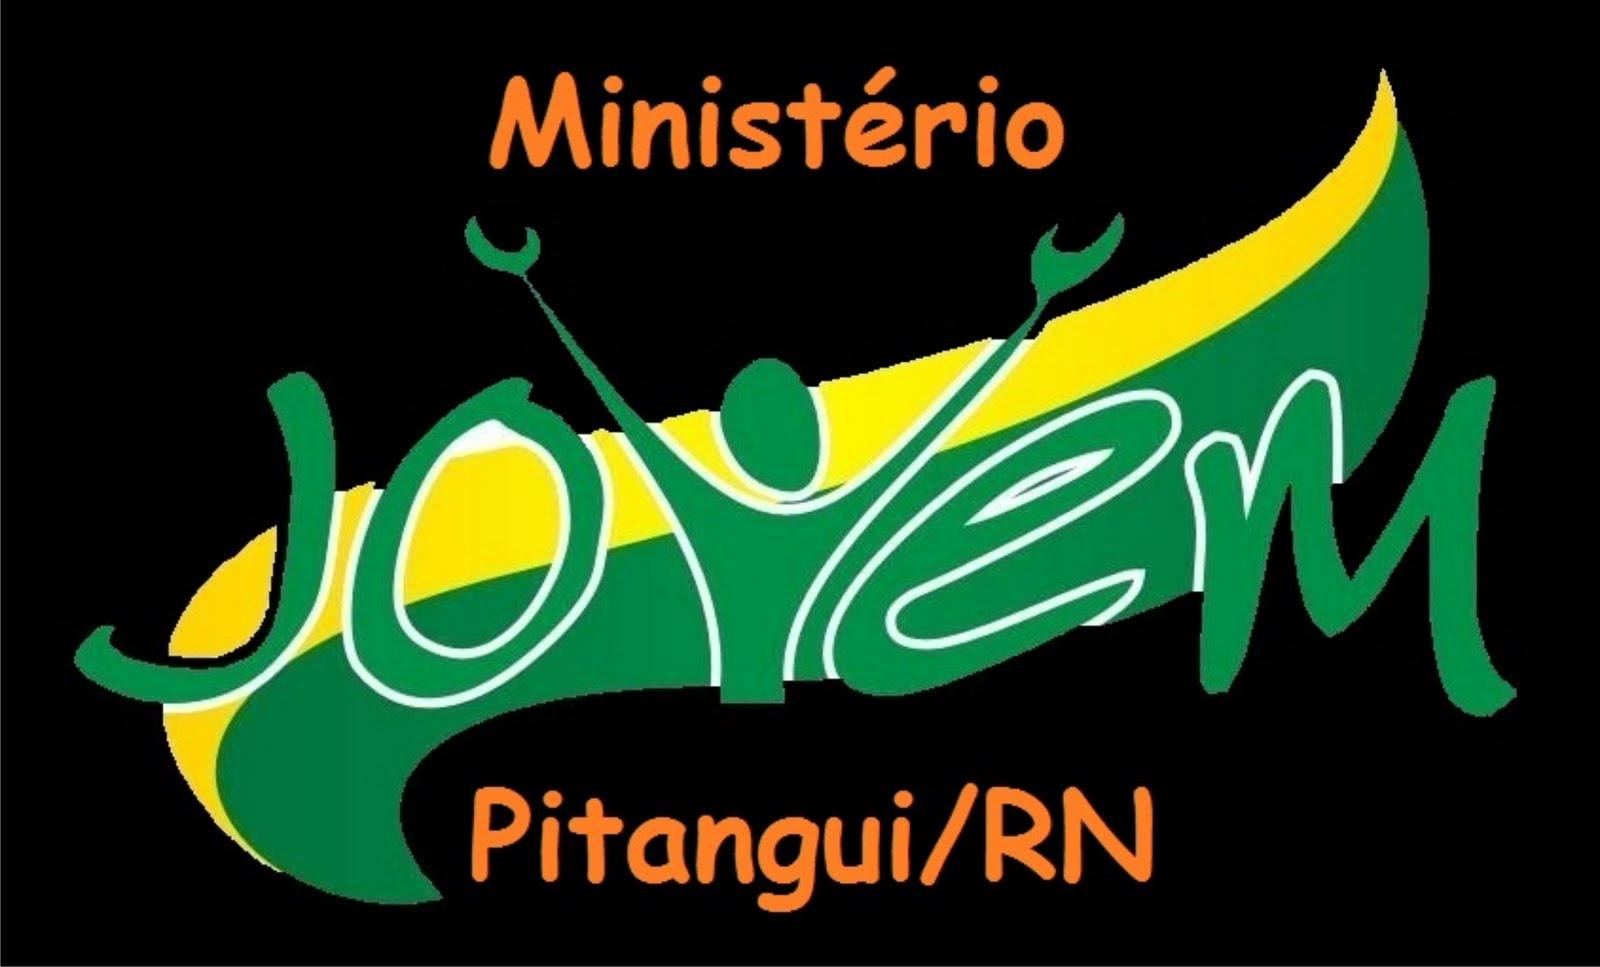 Ministério Jovem Pitangui